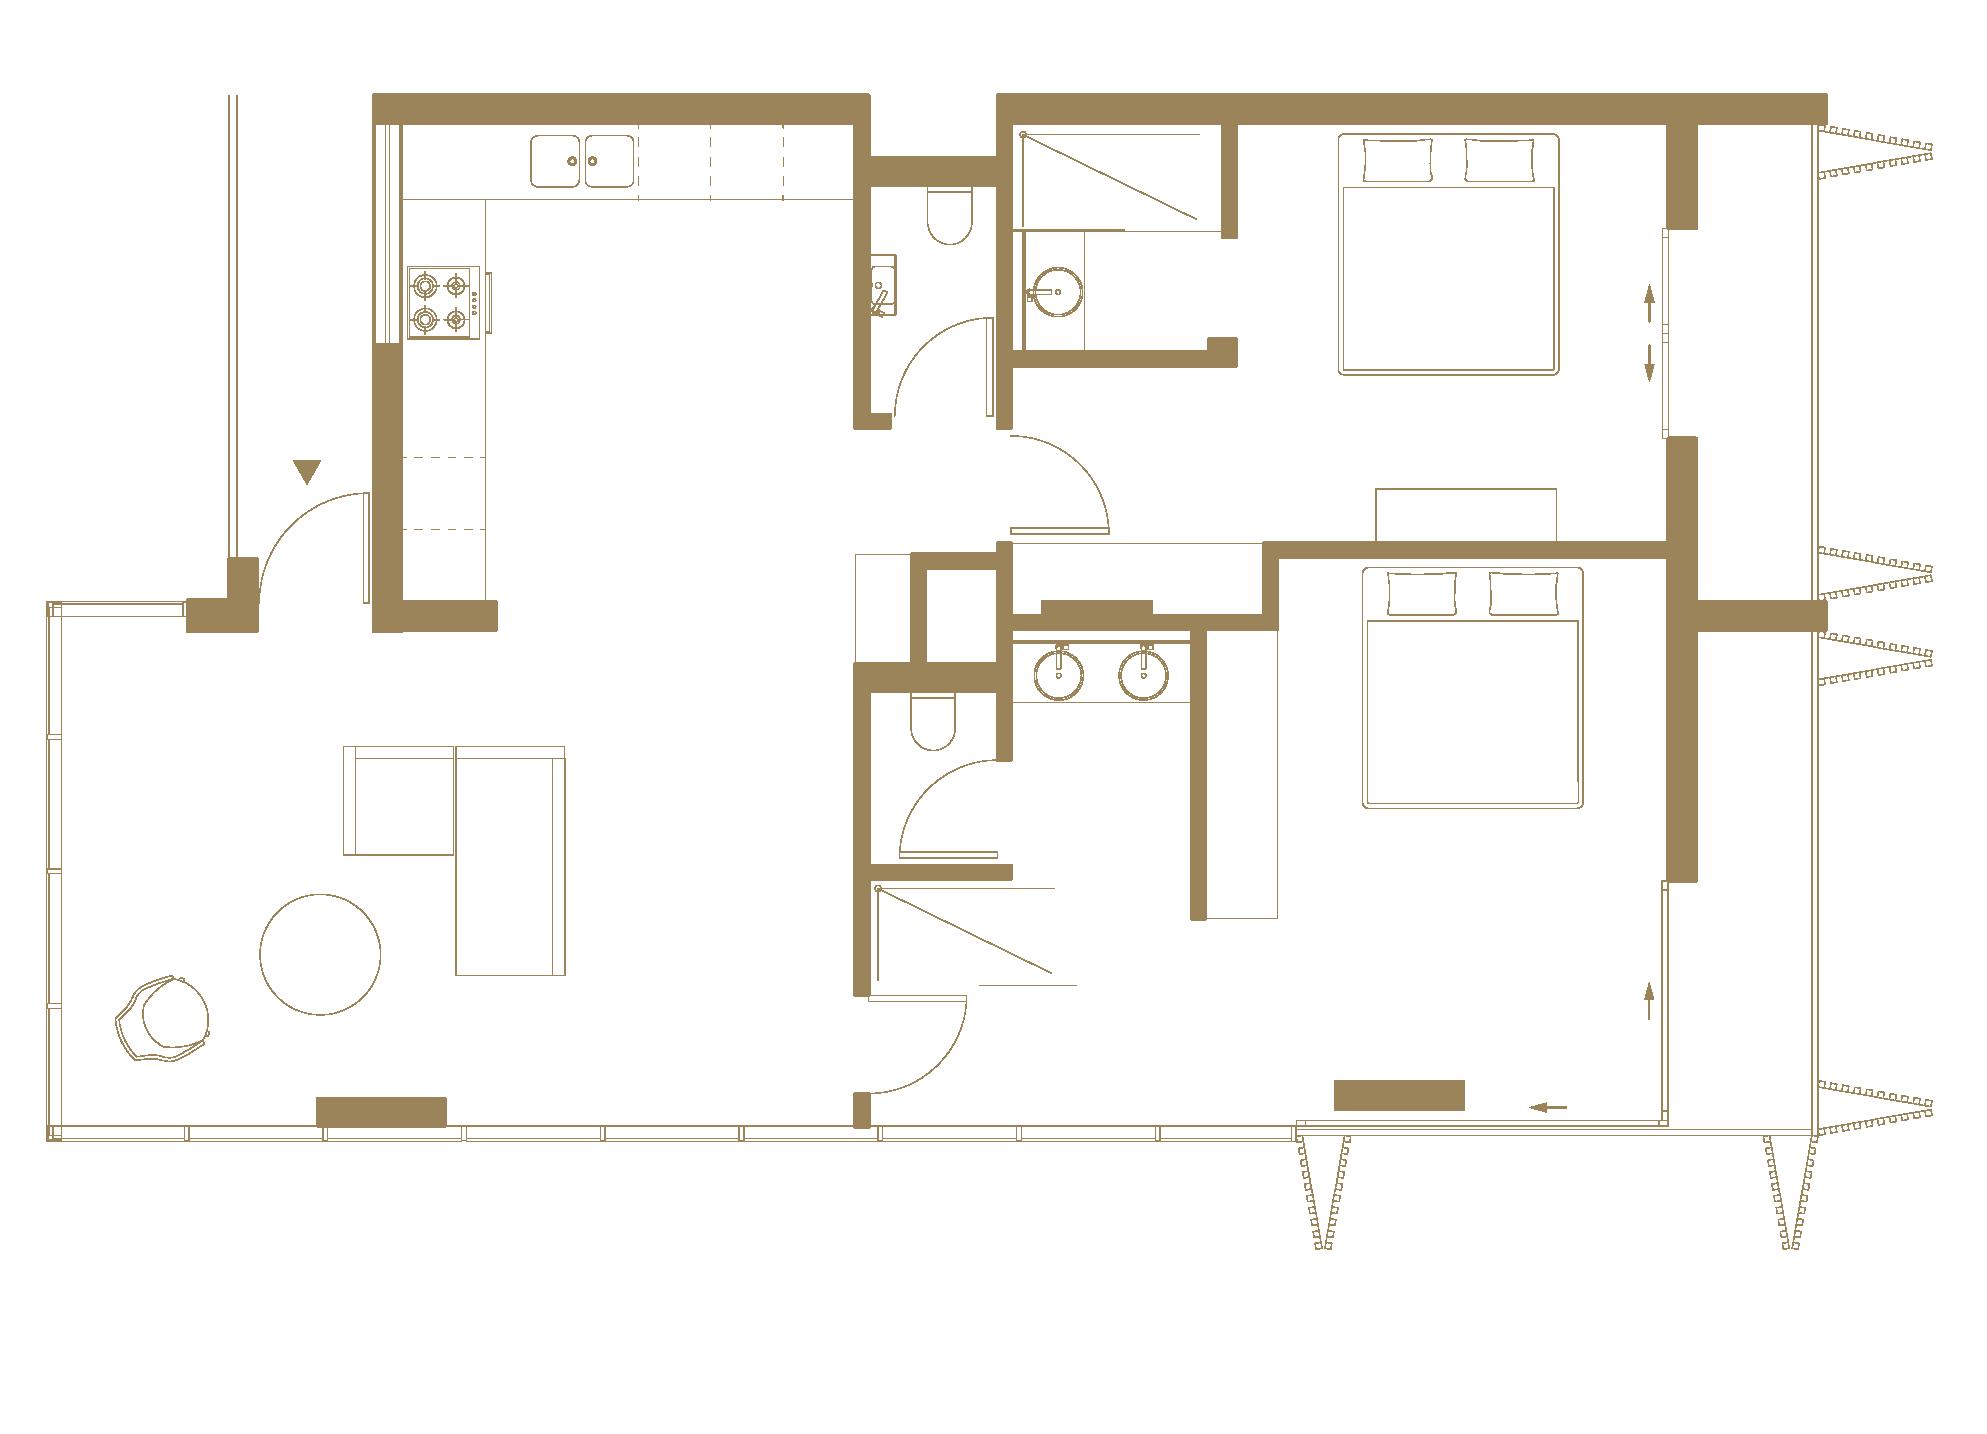 30Keyes_DemiPlus_Plan2_20180903.png